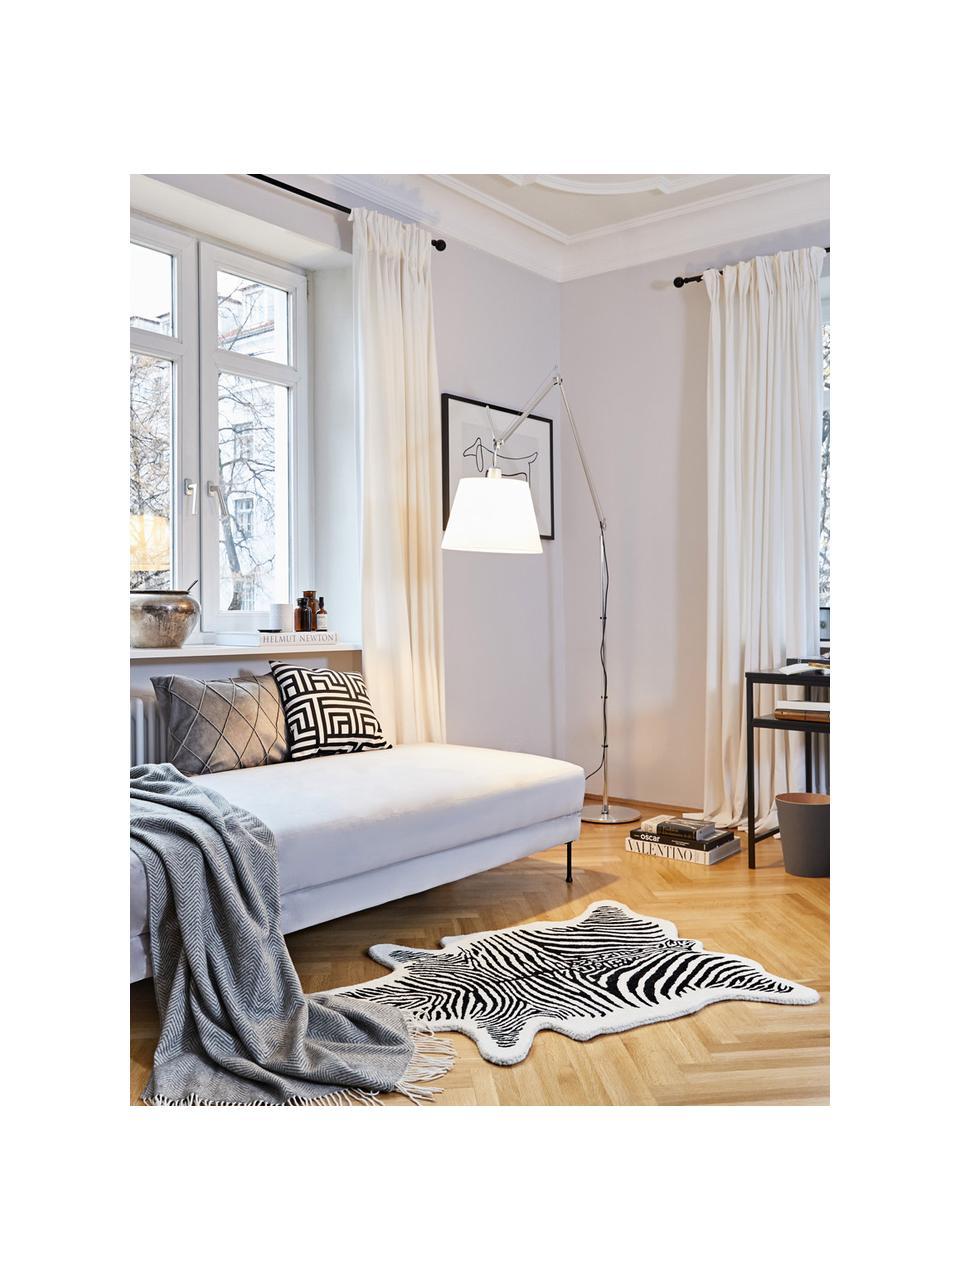 Tappeto in lana taftato a mano Savanna Zebra, Retro: 100% cotone Nel caso dei , Nero, crema, Larg.160 x Lung. 200 cm  (taglia M)